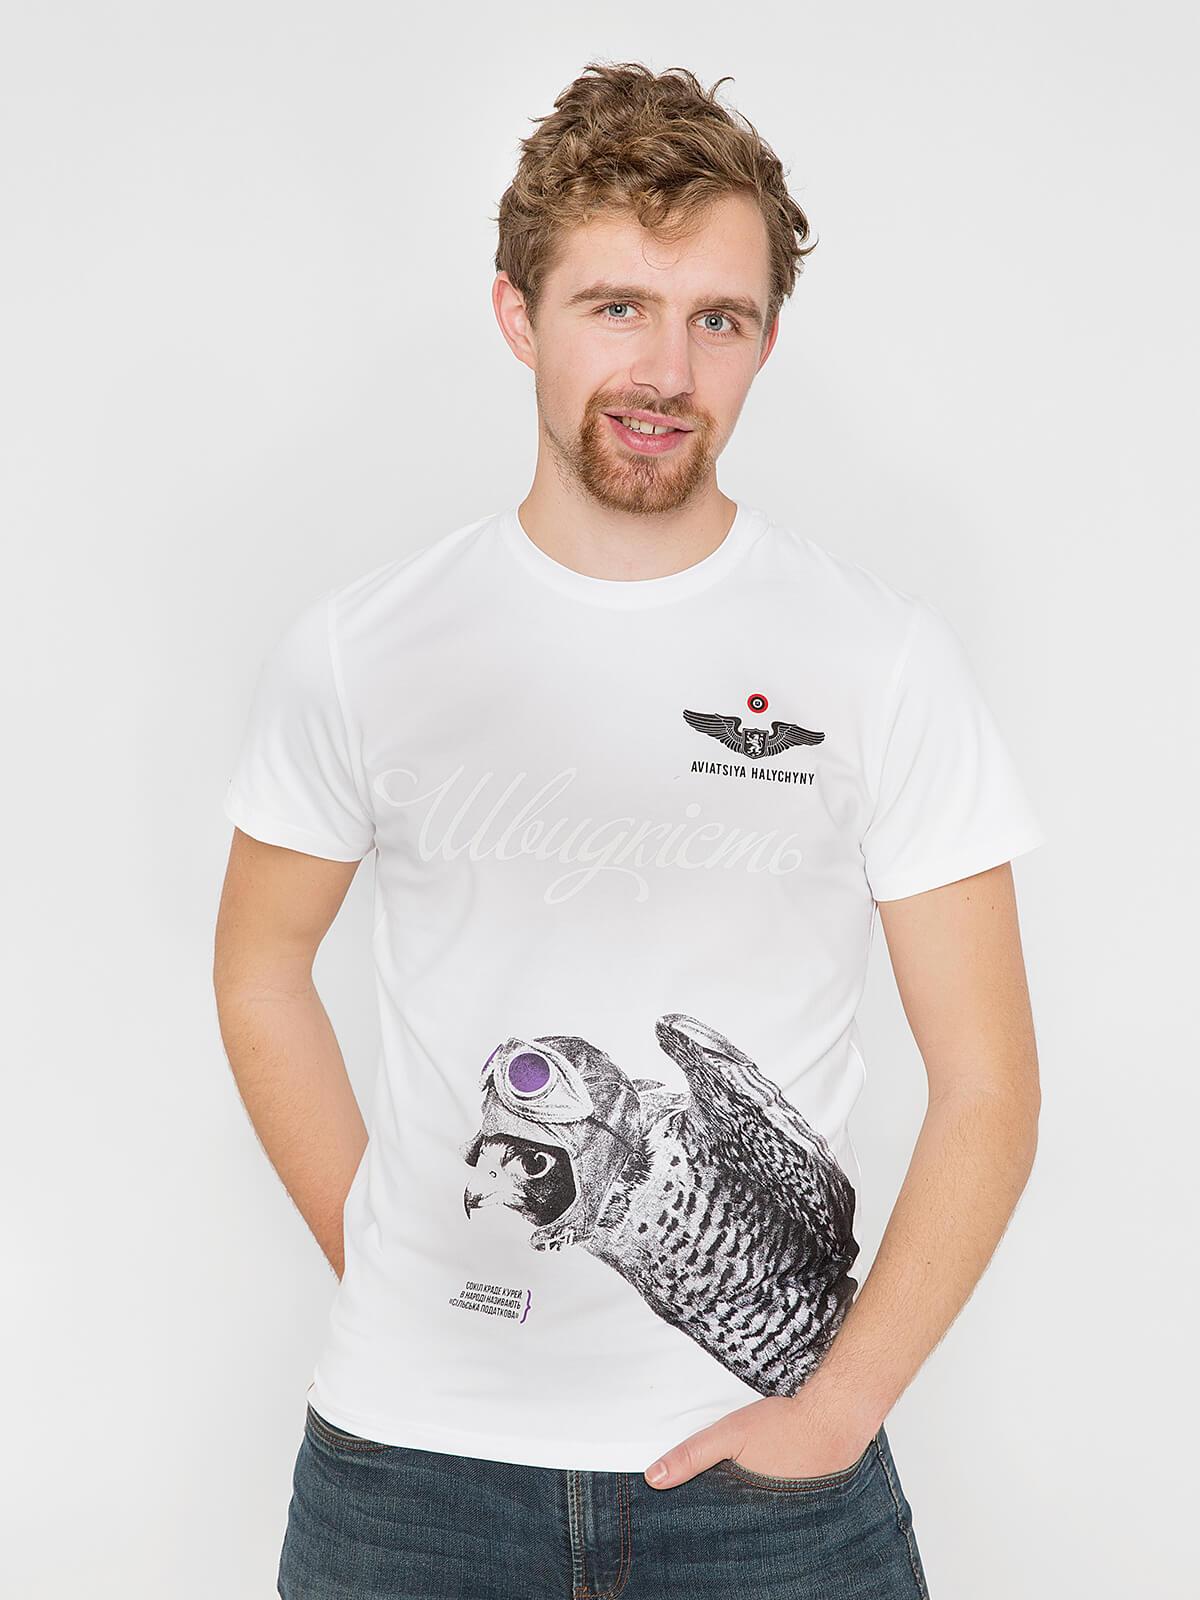 Чоловіча Футболка Сокіл. Колір білий. Футболка унісекс (розміри чоловічі).